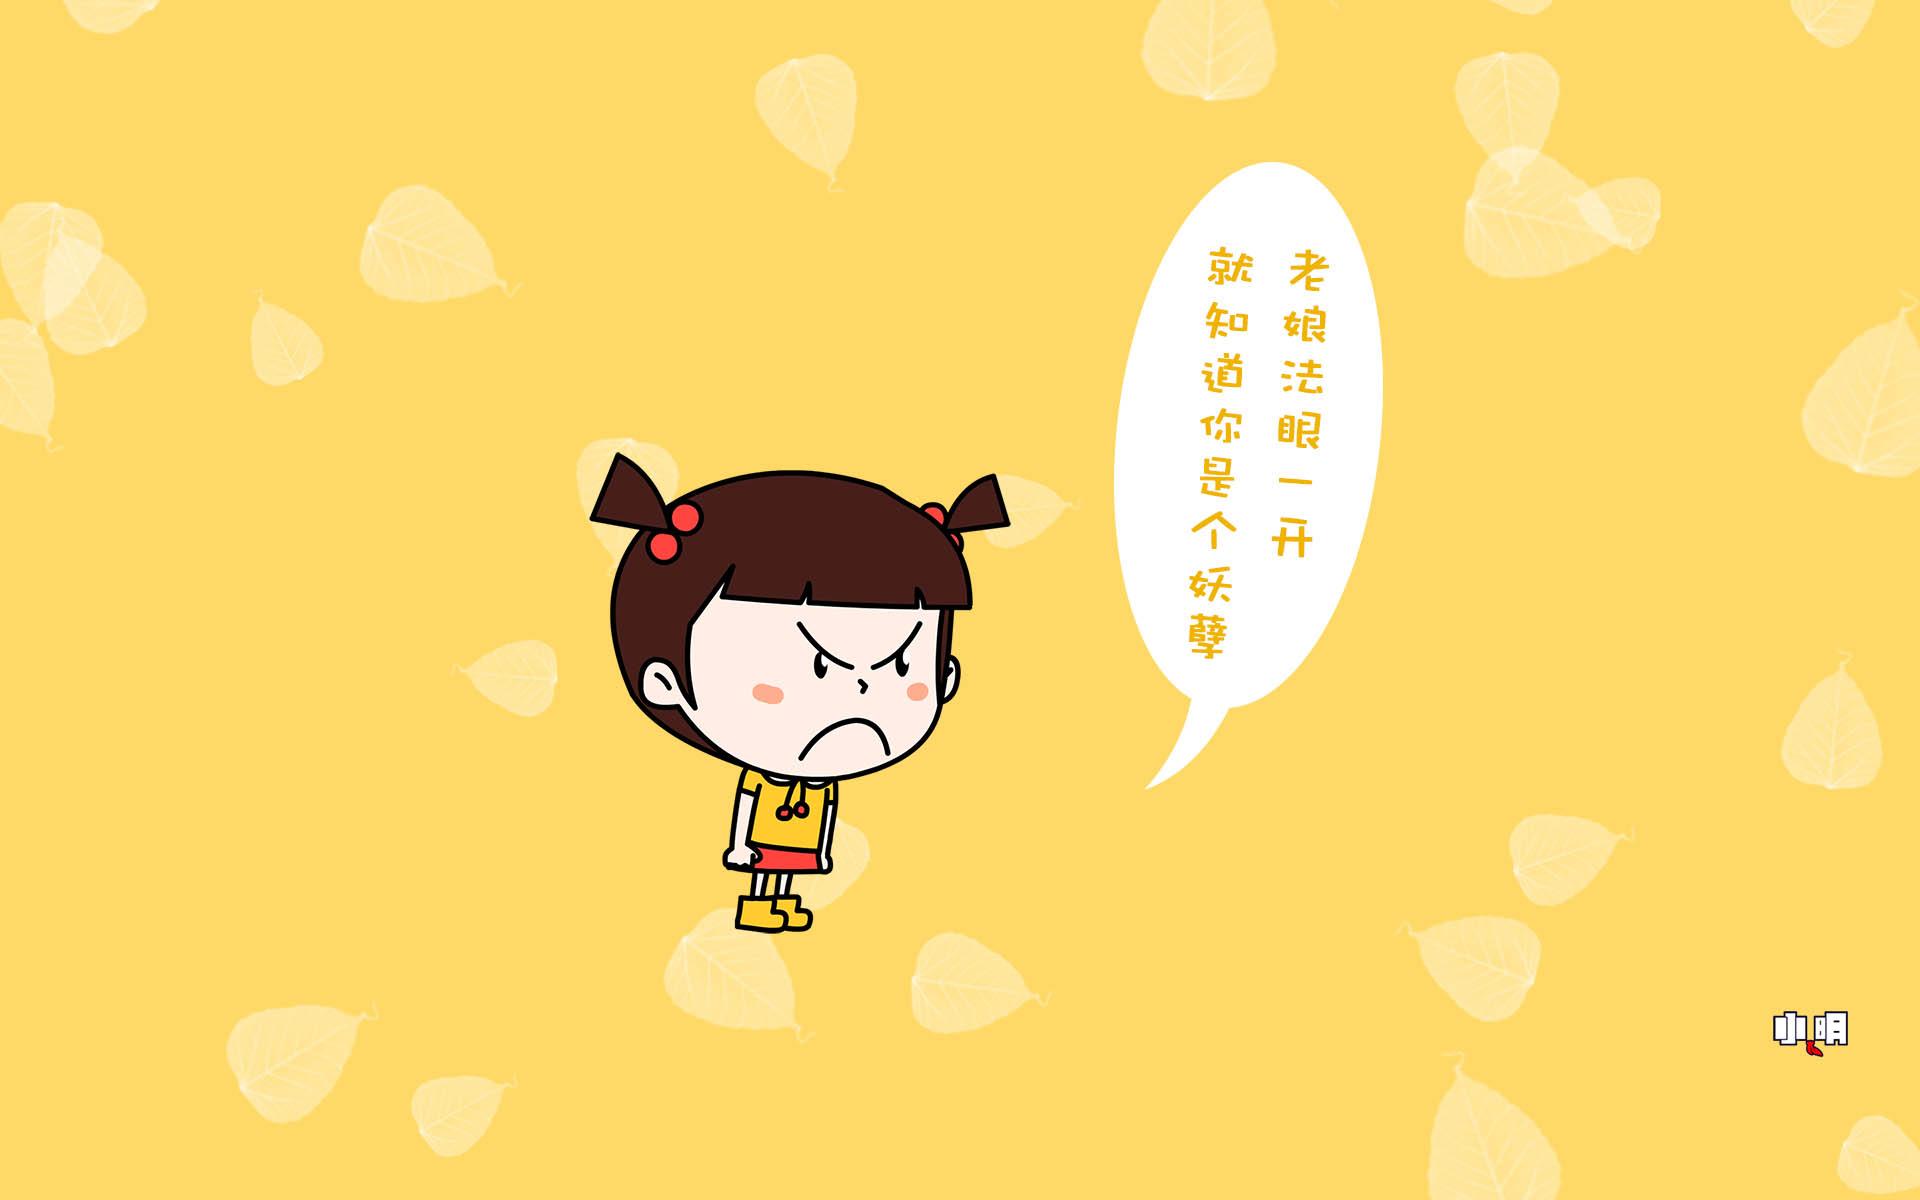 海贼王是大家都喜欢的一部日本好看动漫,路飞和他的小伙伴们高清图片